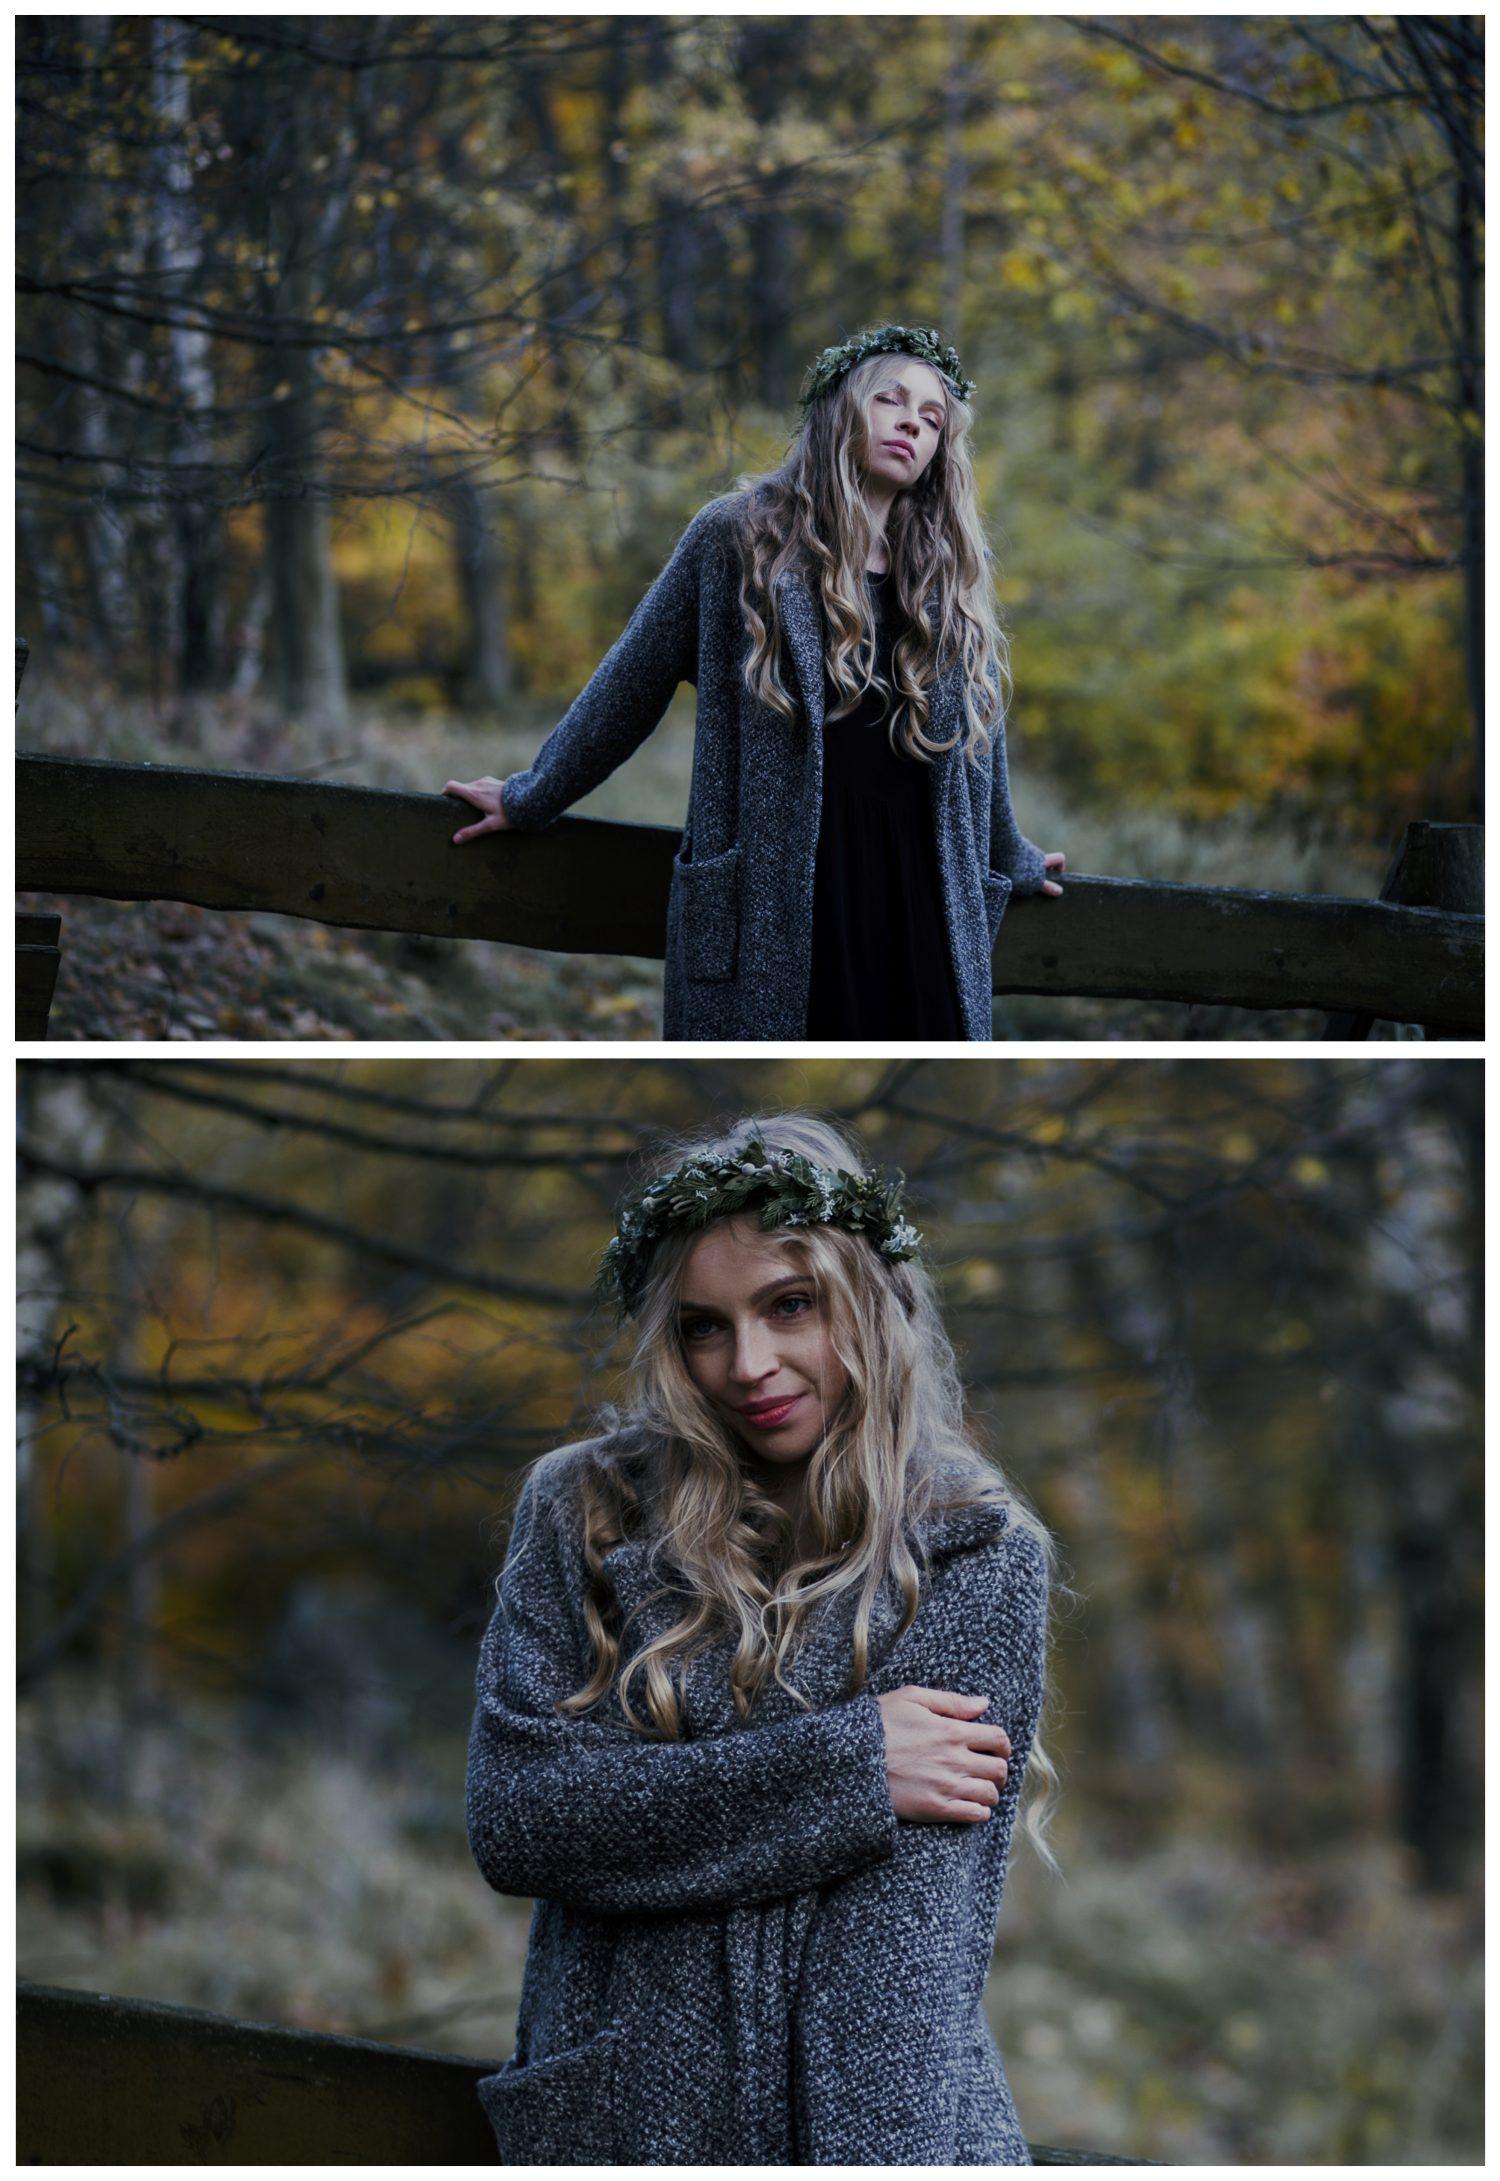 studio kreatywne lanuka sesja kobieca kamila 12 e1486030684988 <h2>Sesja kobieca   Kamila Czarodziejka z Leśnych Opowieści</h2>